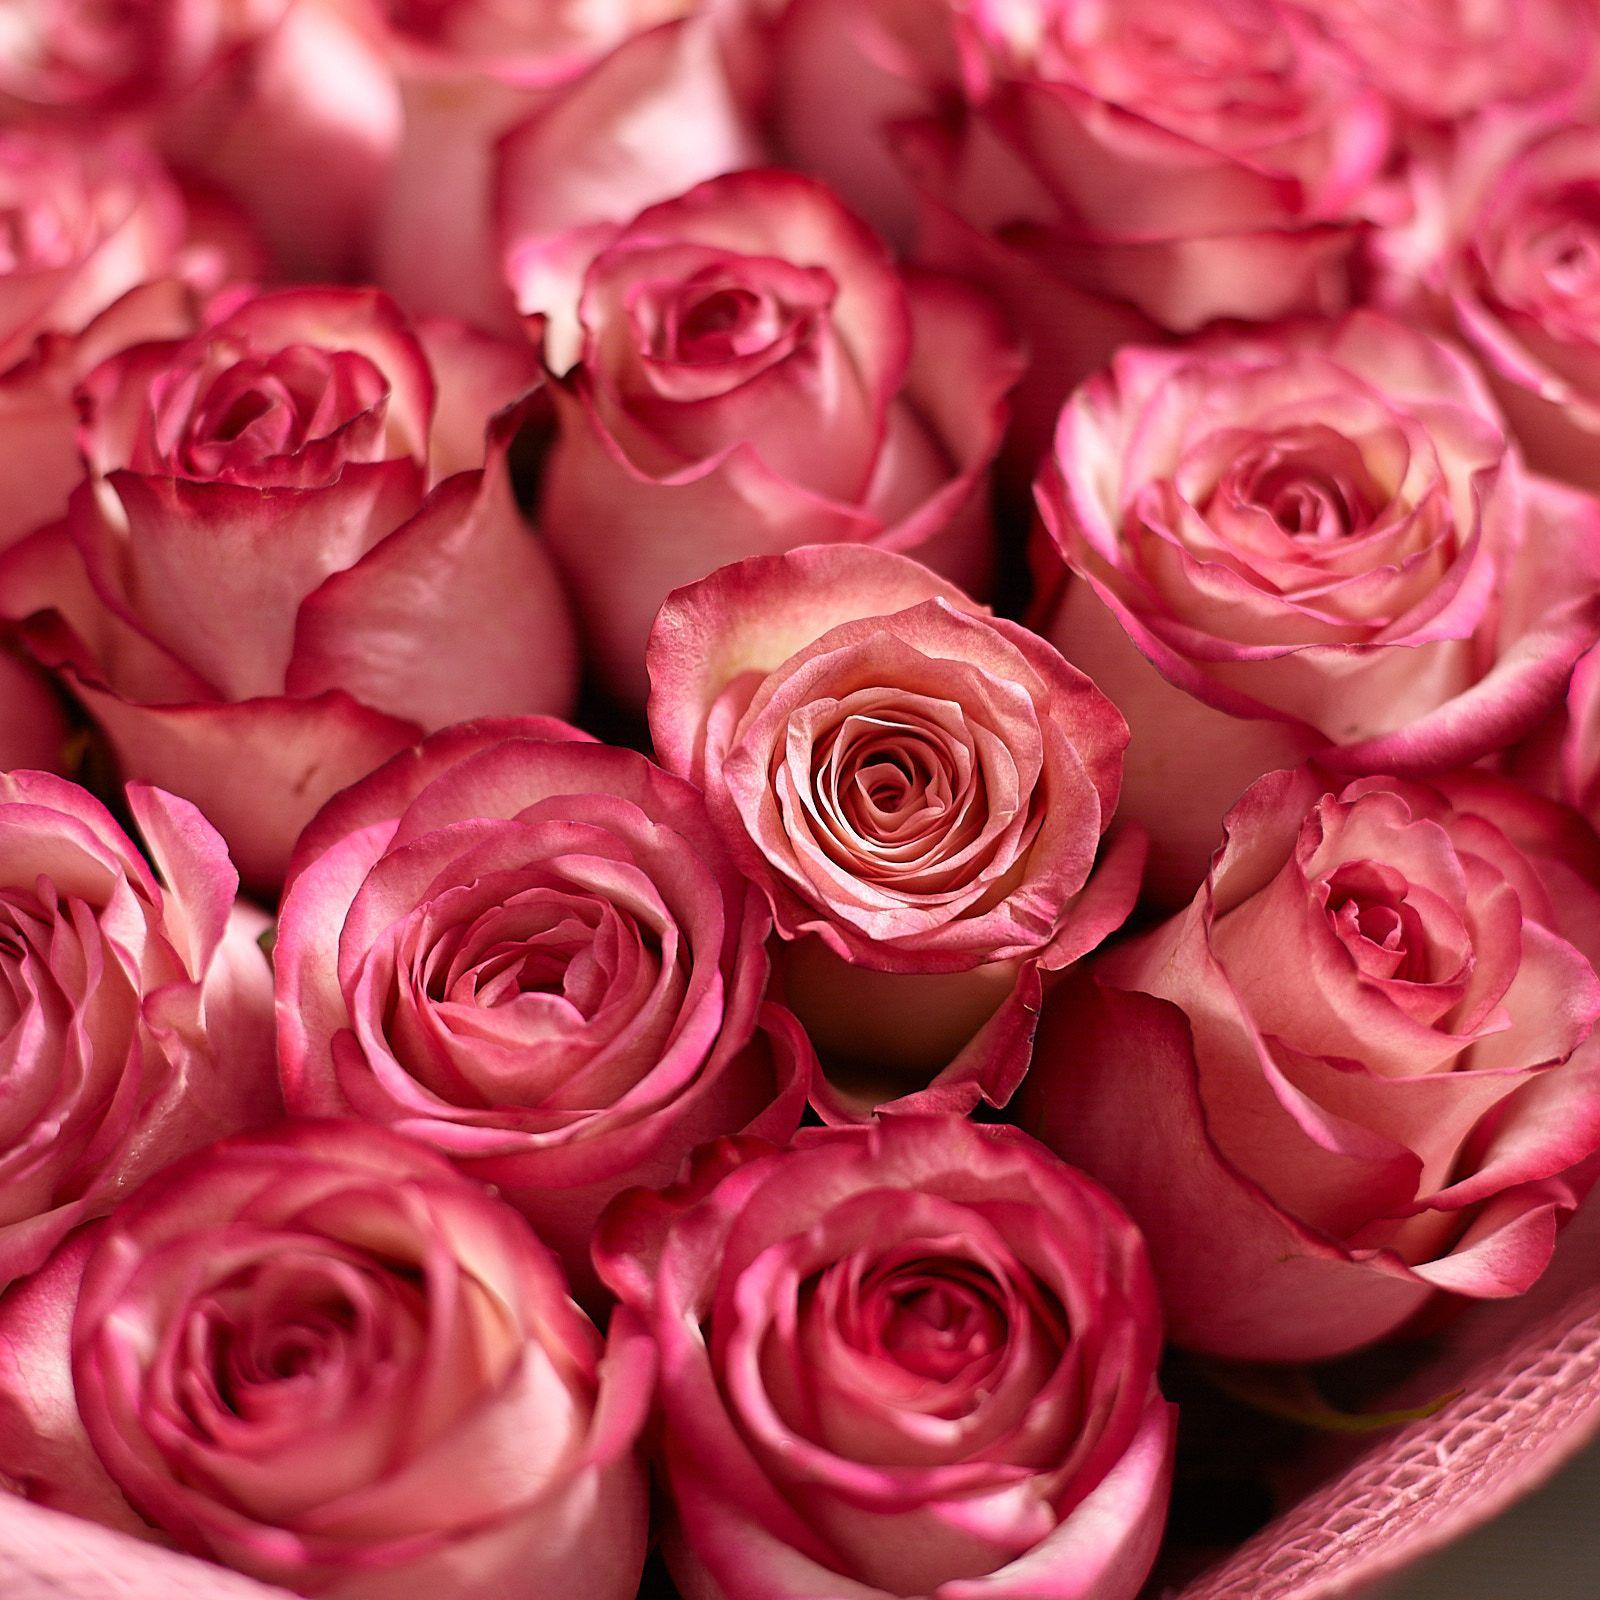 Кремовые розы с розовой каймой Carrousel 70 см фото